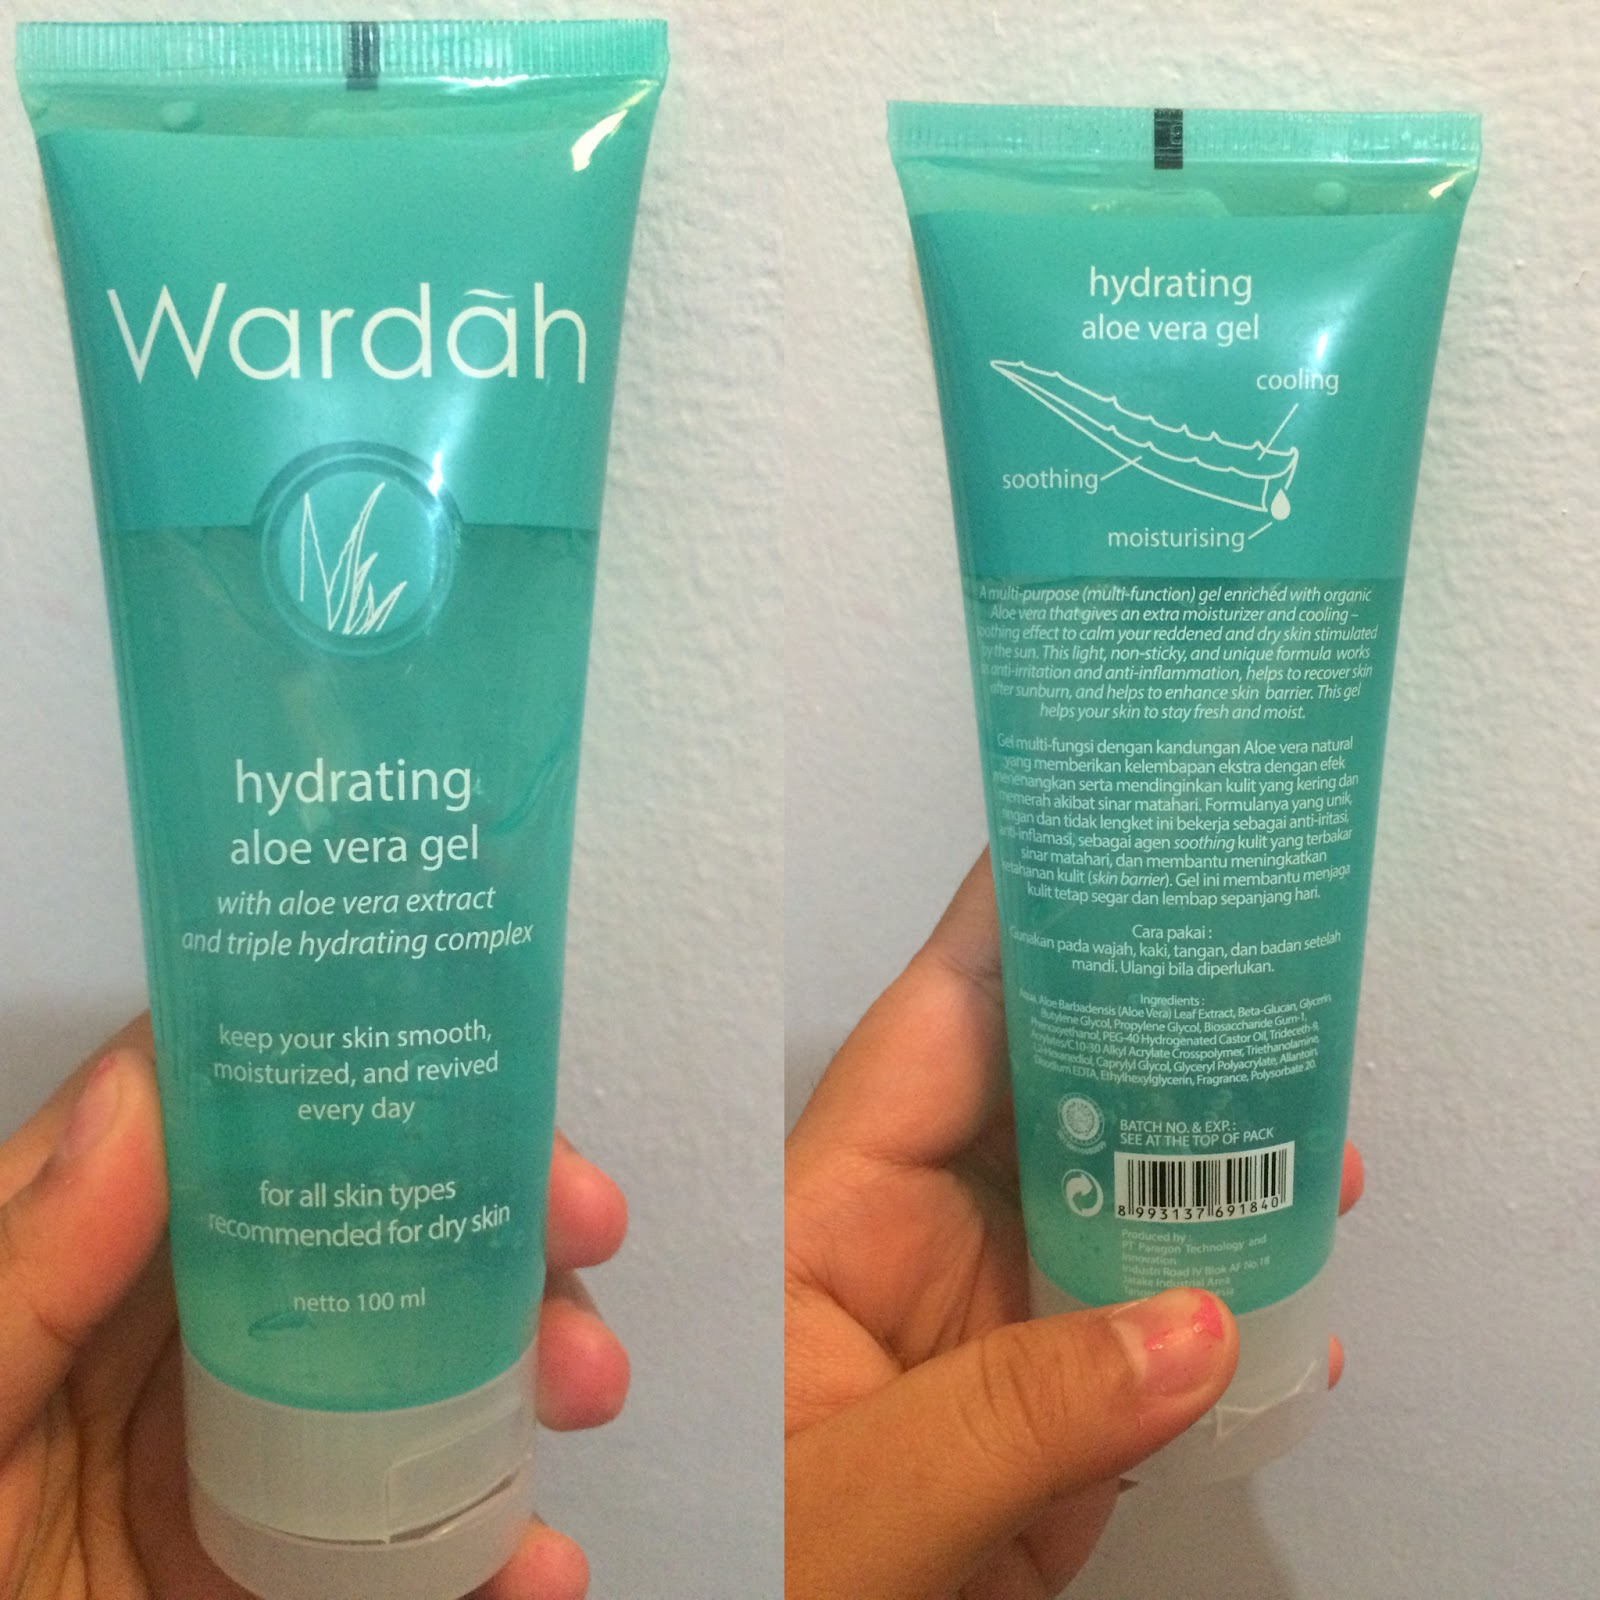 Jual Wardah Hydrating Aloe Vera Gel